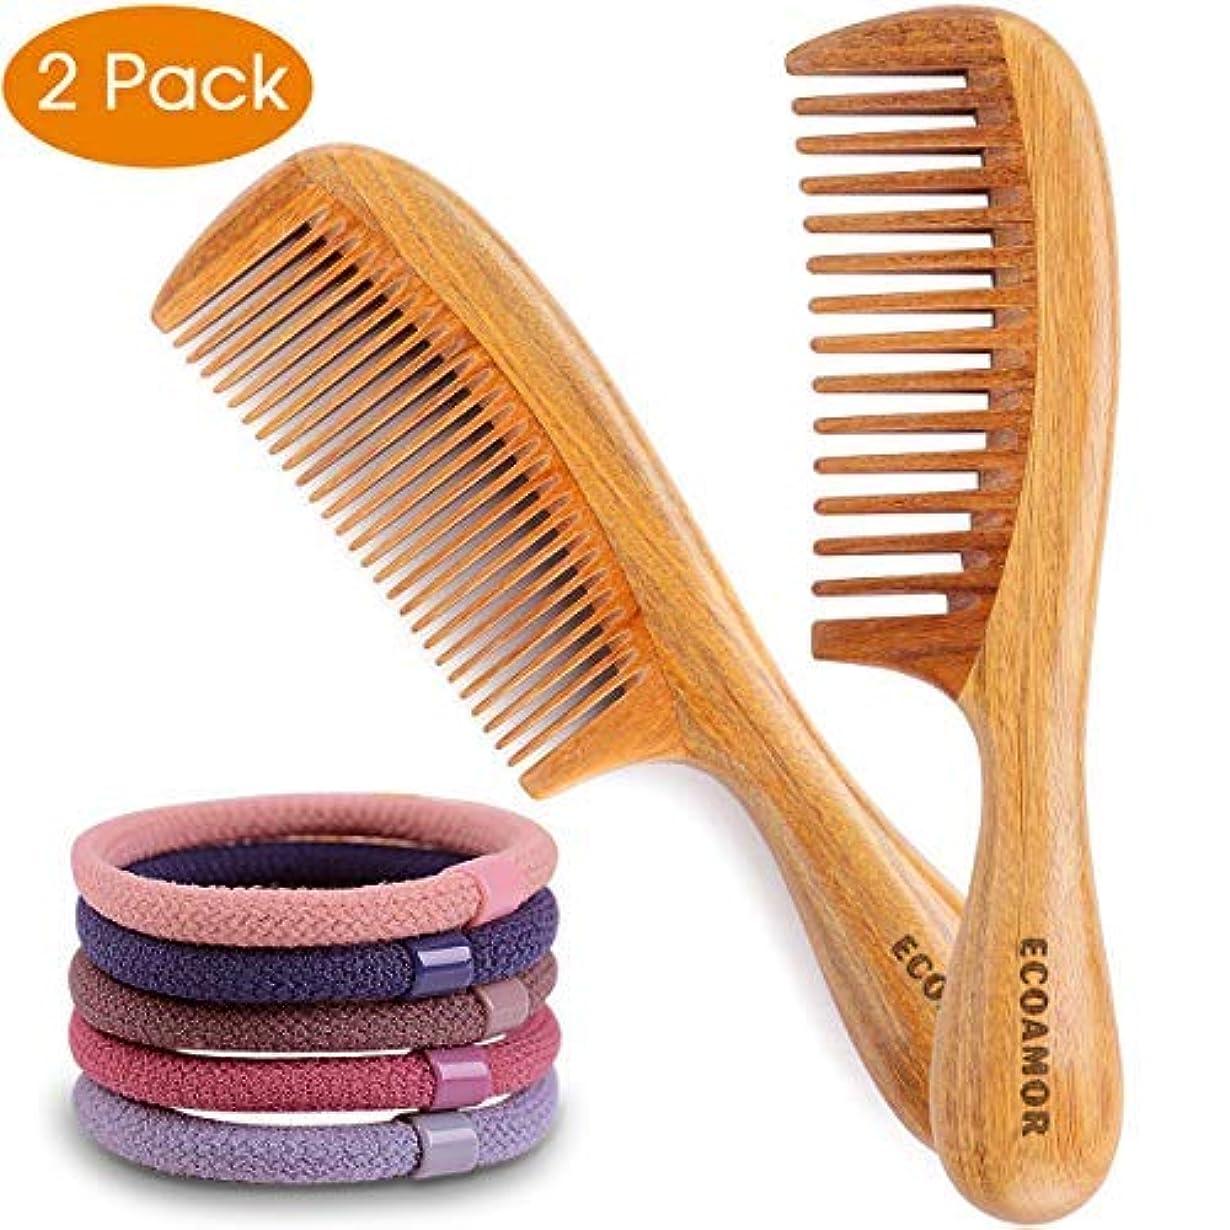 マート検索エンジンマーケティング腰ECOAMOR Handmade Green Sandalwood Wide & Fine Tooth Hair Comb for Men Women and Kids - No Snags, No Tangle, No...